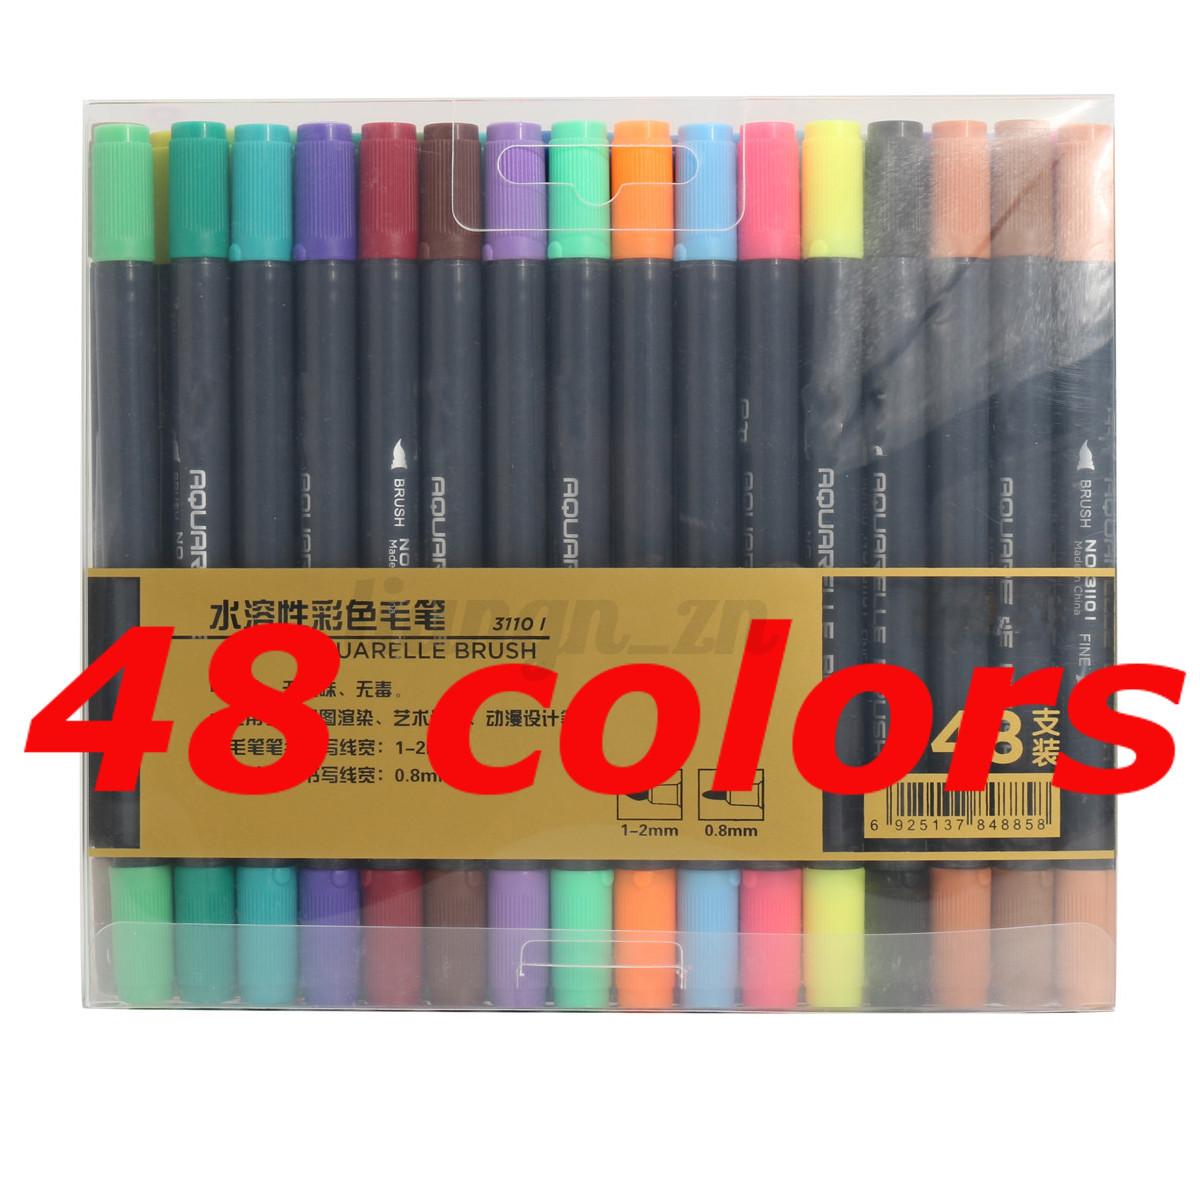 12-48-Couleur-Double-Tips-Marqueur-Feutre-Stylo-Peinture-Pneu-Graphique-Marquer